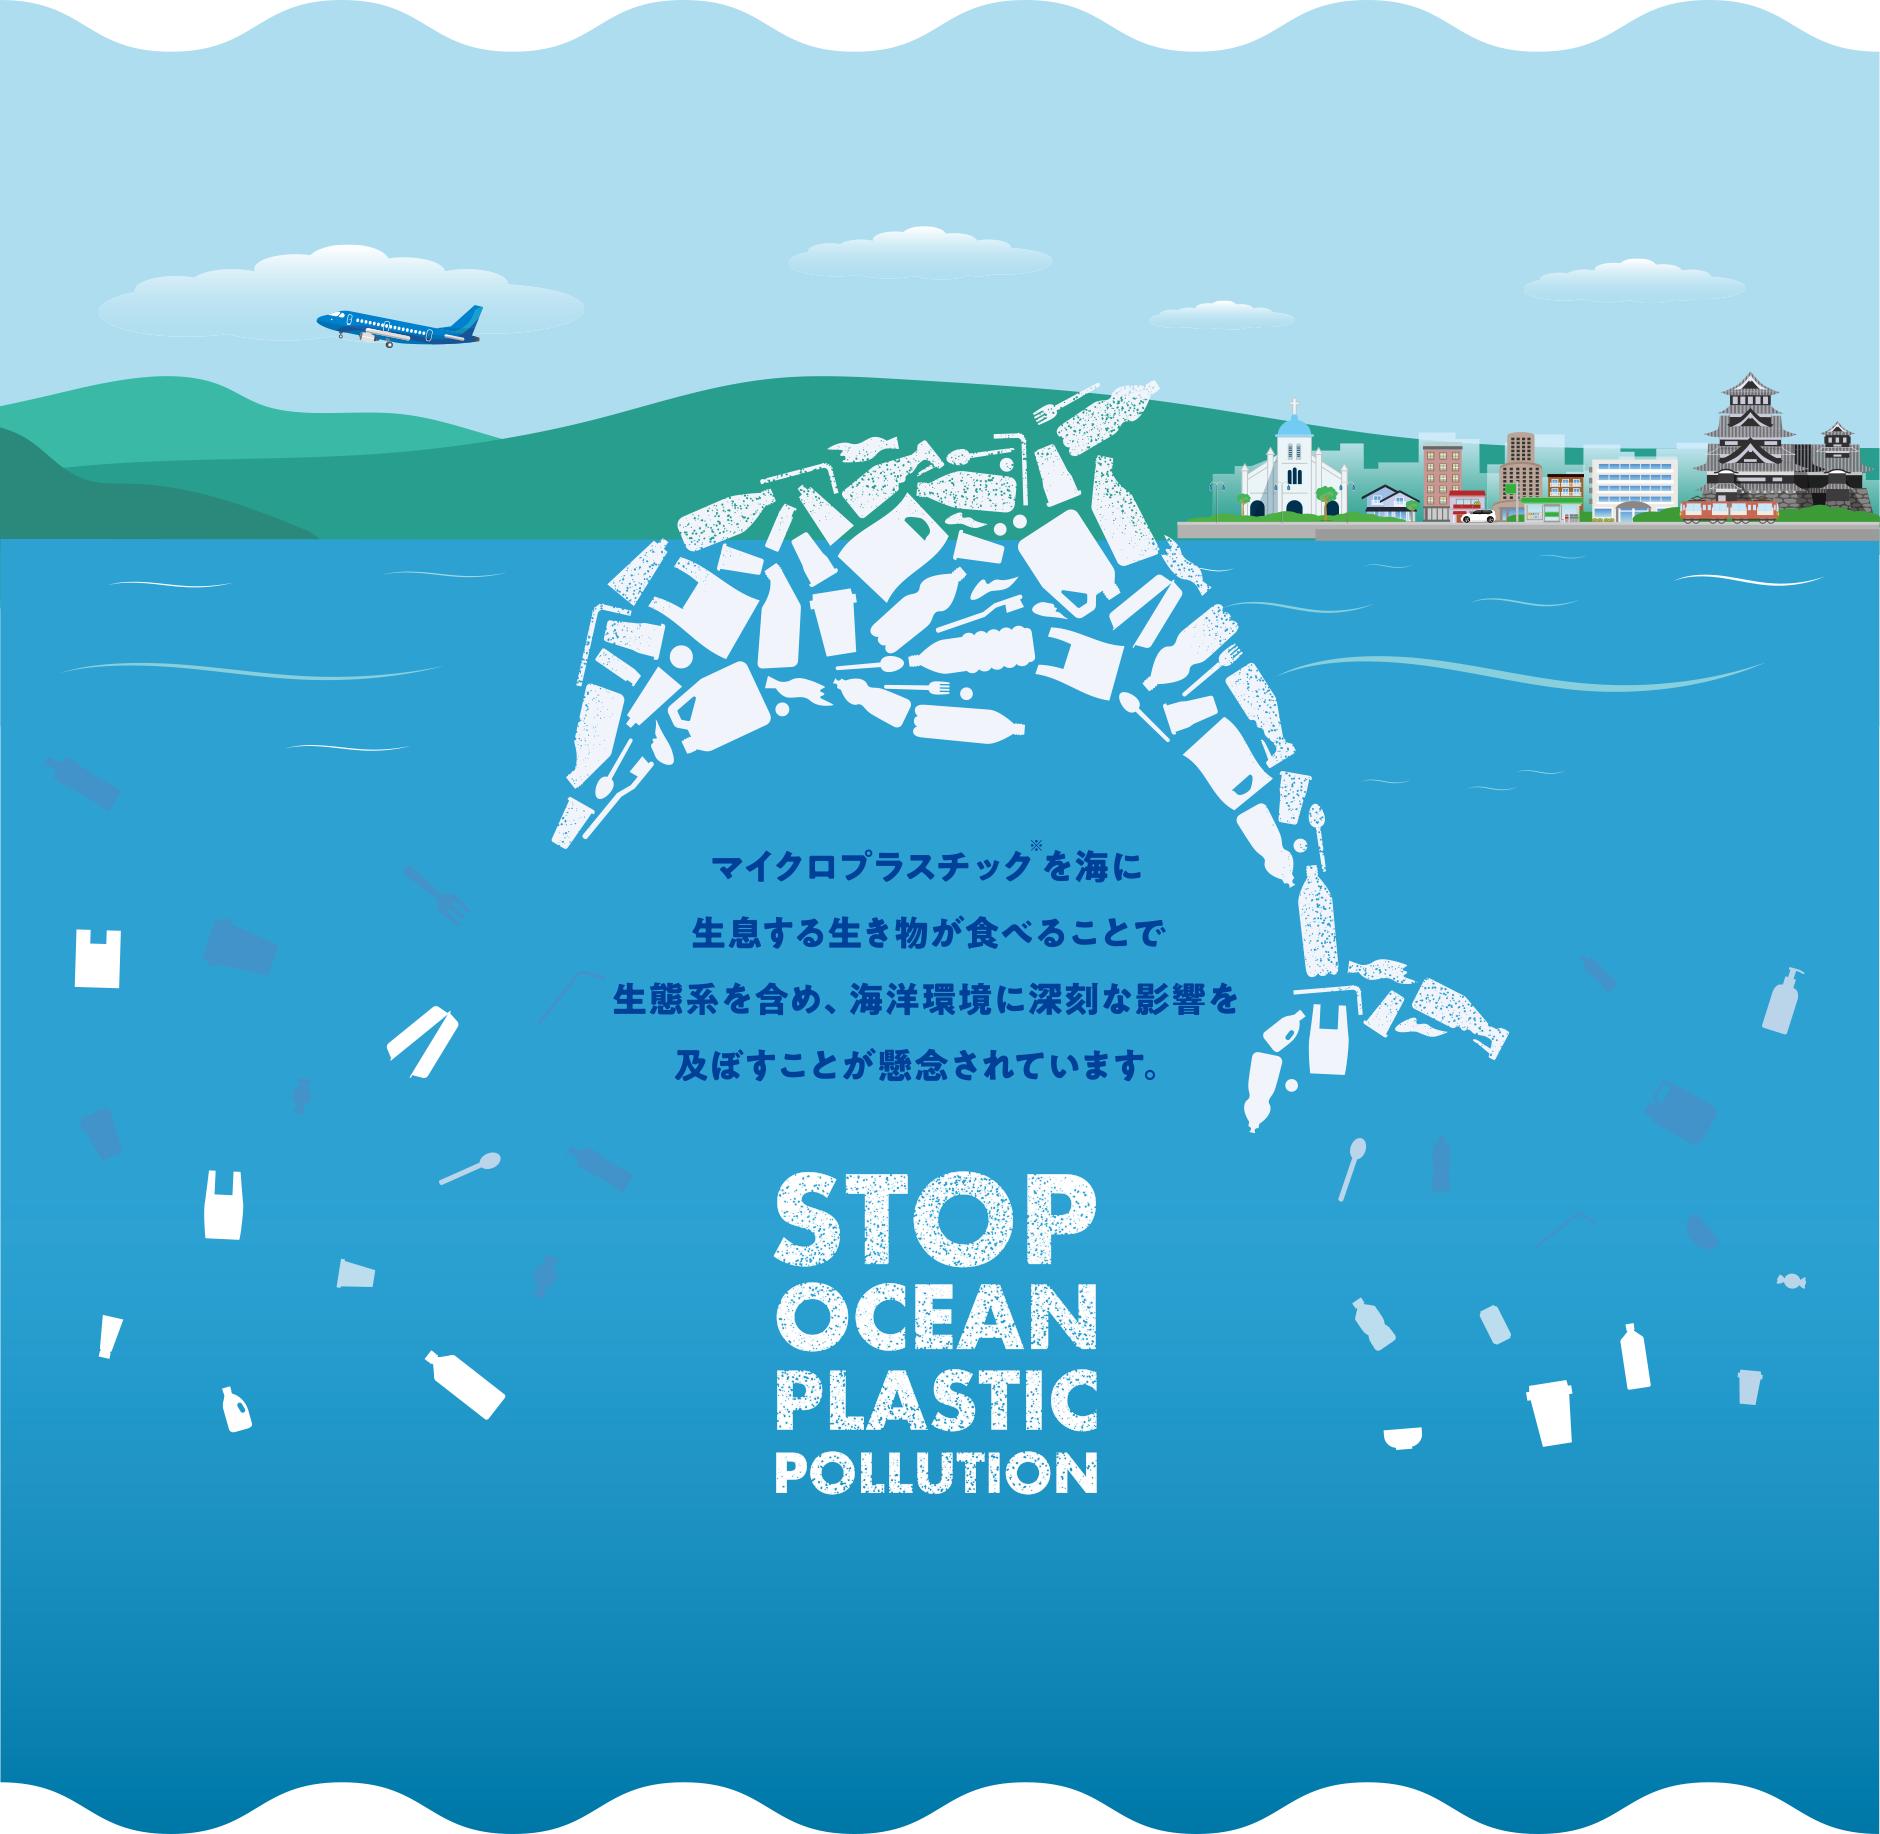 マイクロプラスチック(※)を海に生息する生き物が食べることで生態系への影響など、海洋環境に深刻な影響を引き起こします。